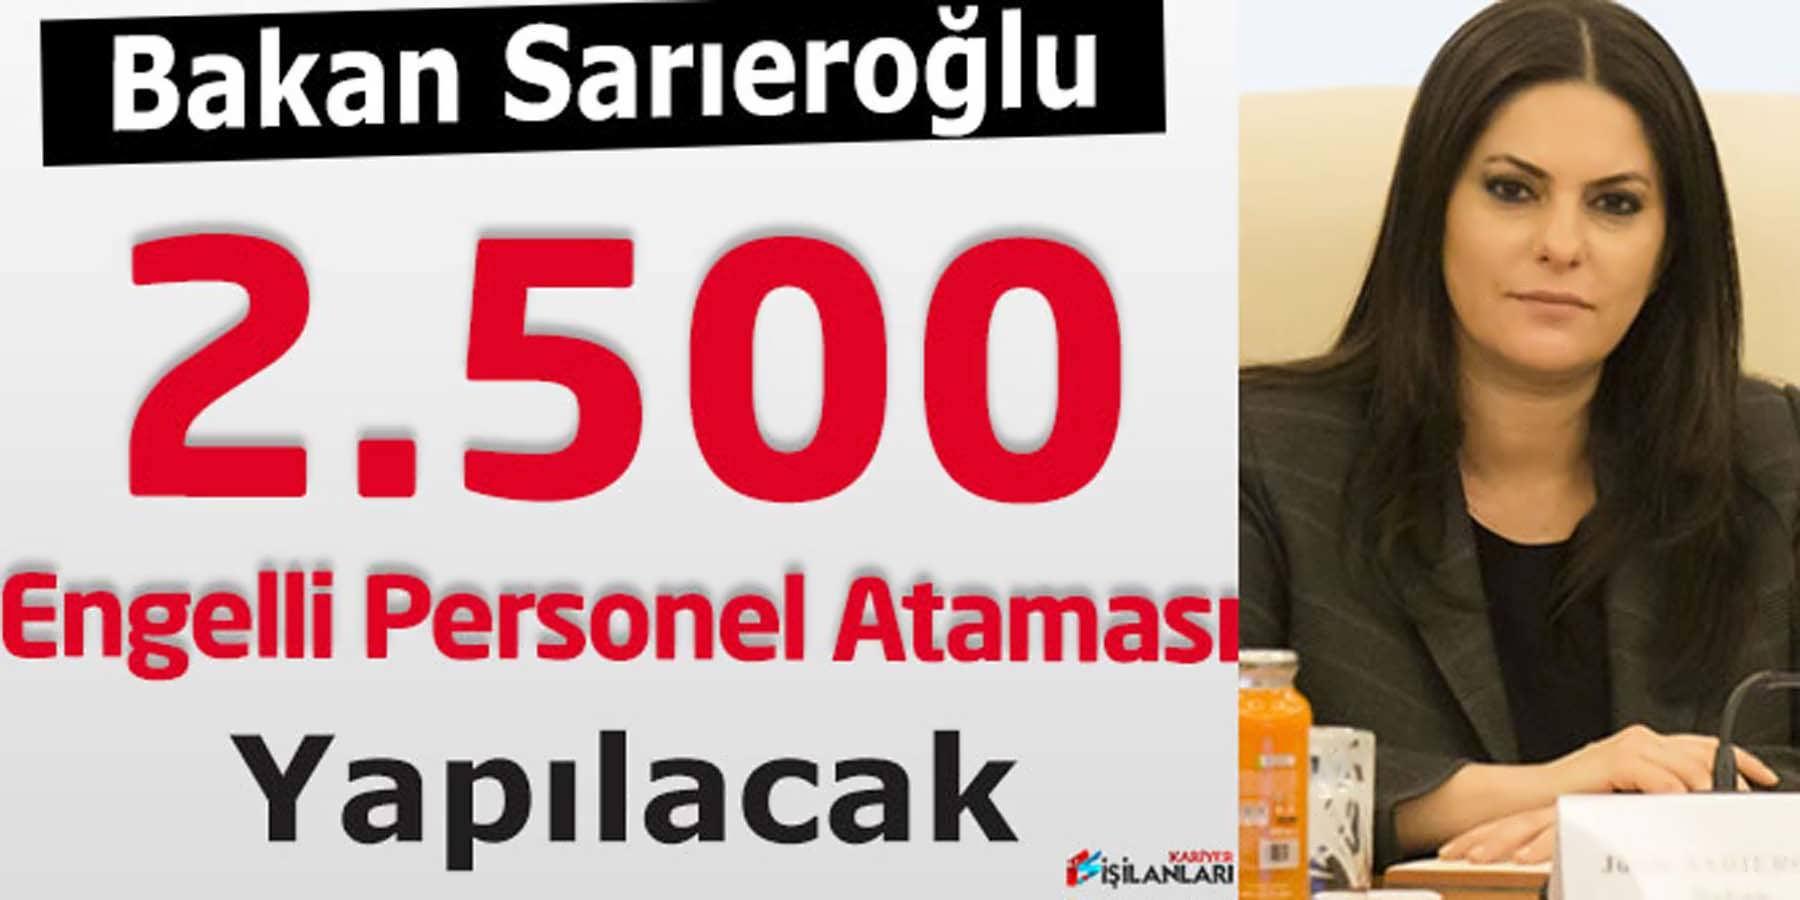 Bakan Sarıeroğlu: 2.500 Engelli Personel Ataması Yapılacak